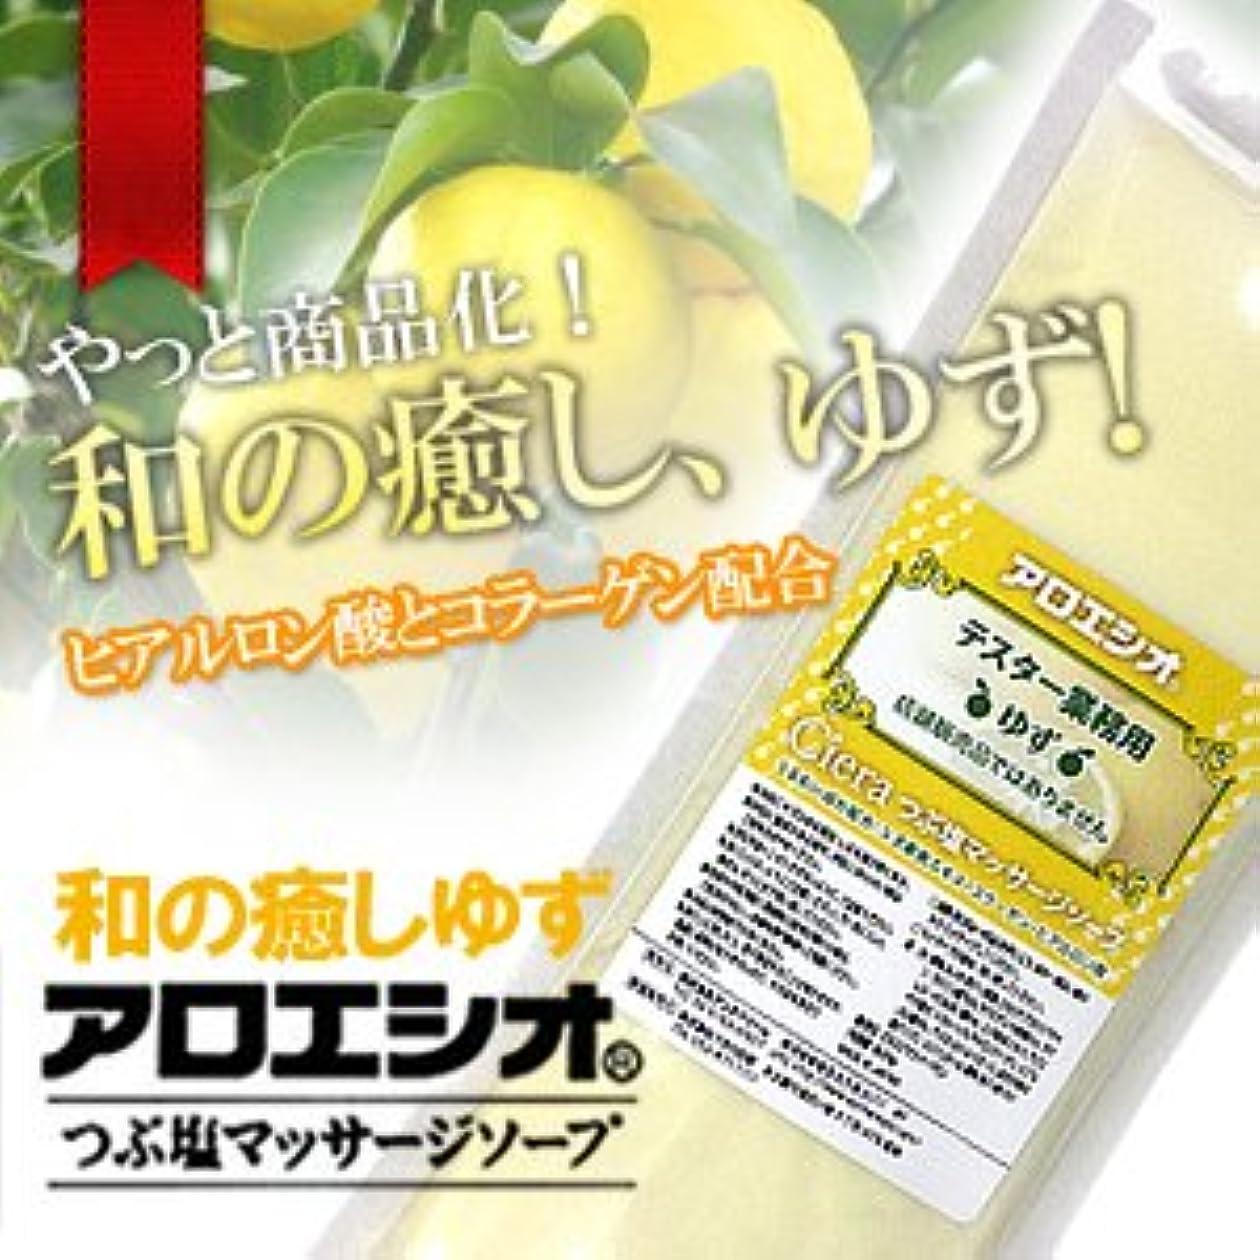 カブミサイル農業ゆず アロエ塩 800g つぶ塩マッサージソープ/フタバ化学 アロエシオ